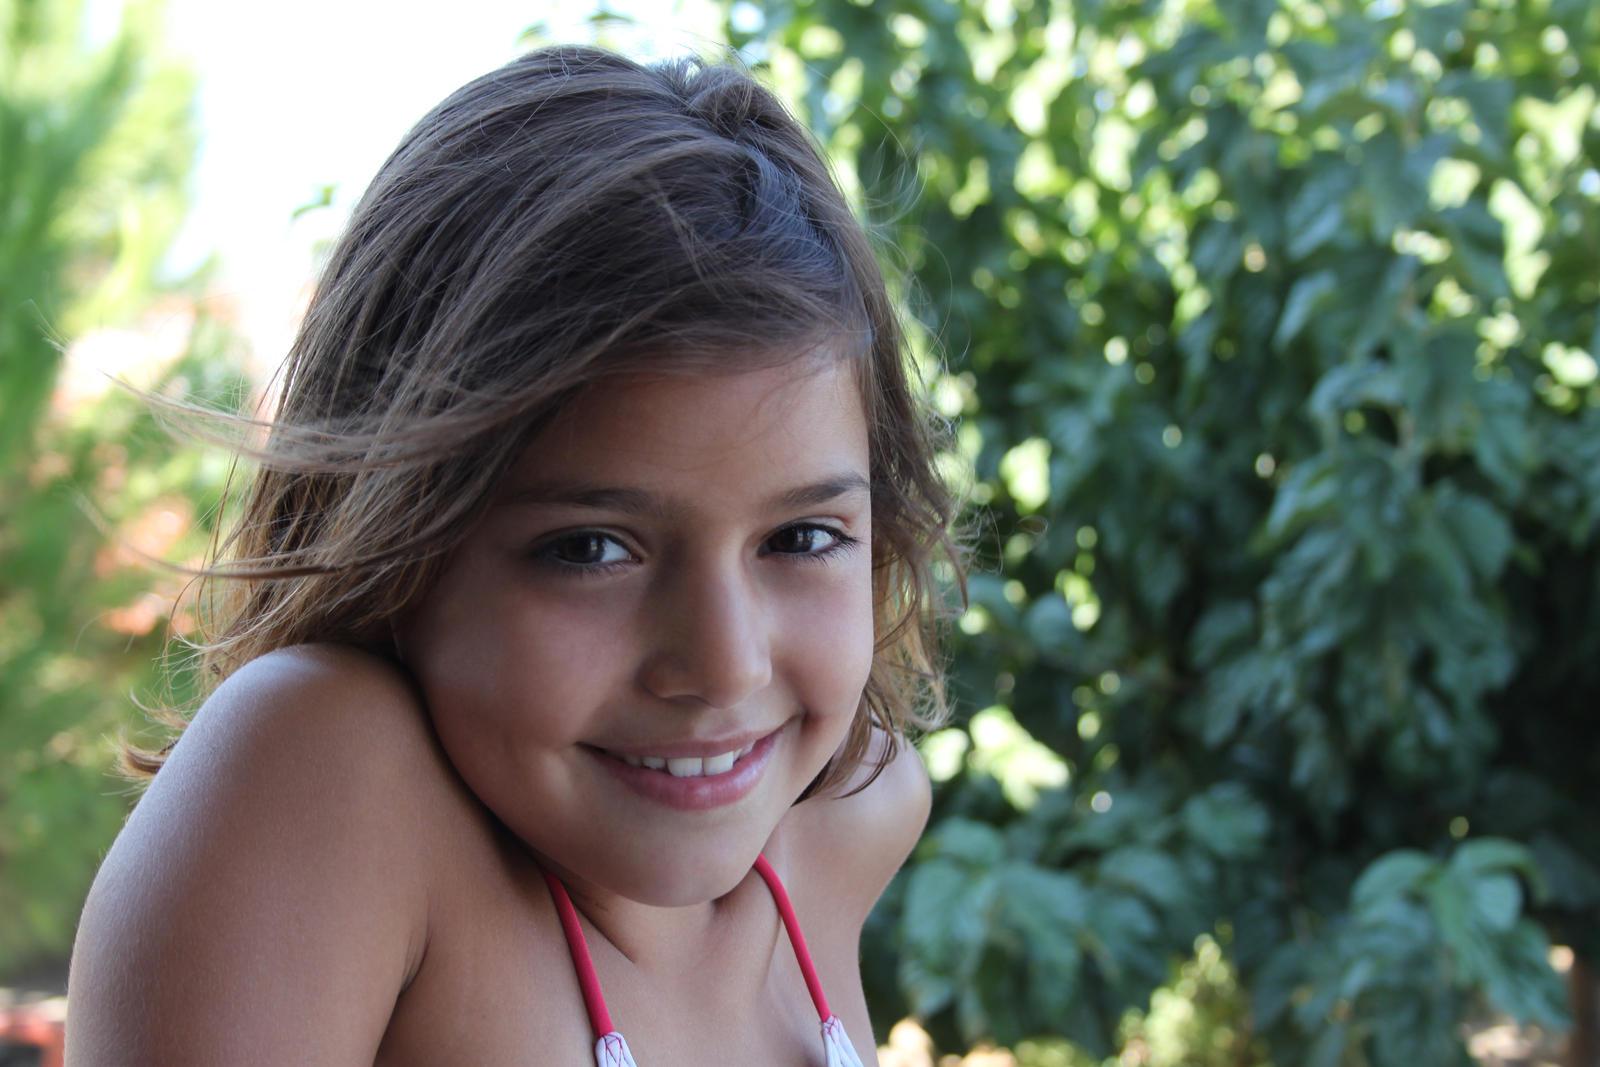 Adrianna No 6 By Agen0R On Deviantart-7936